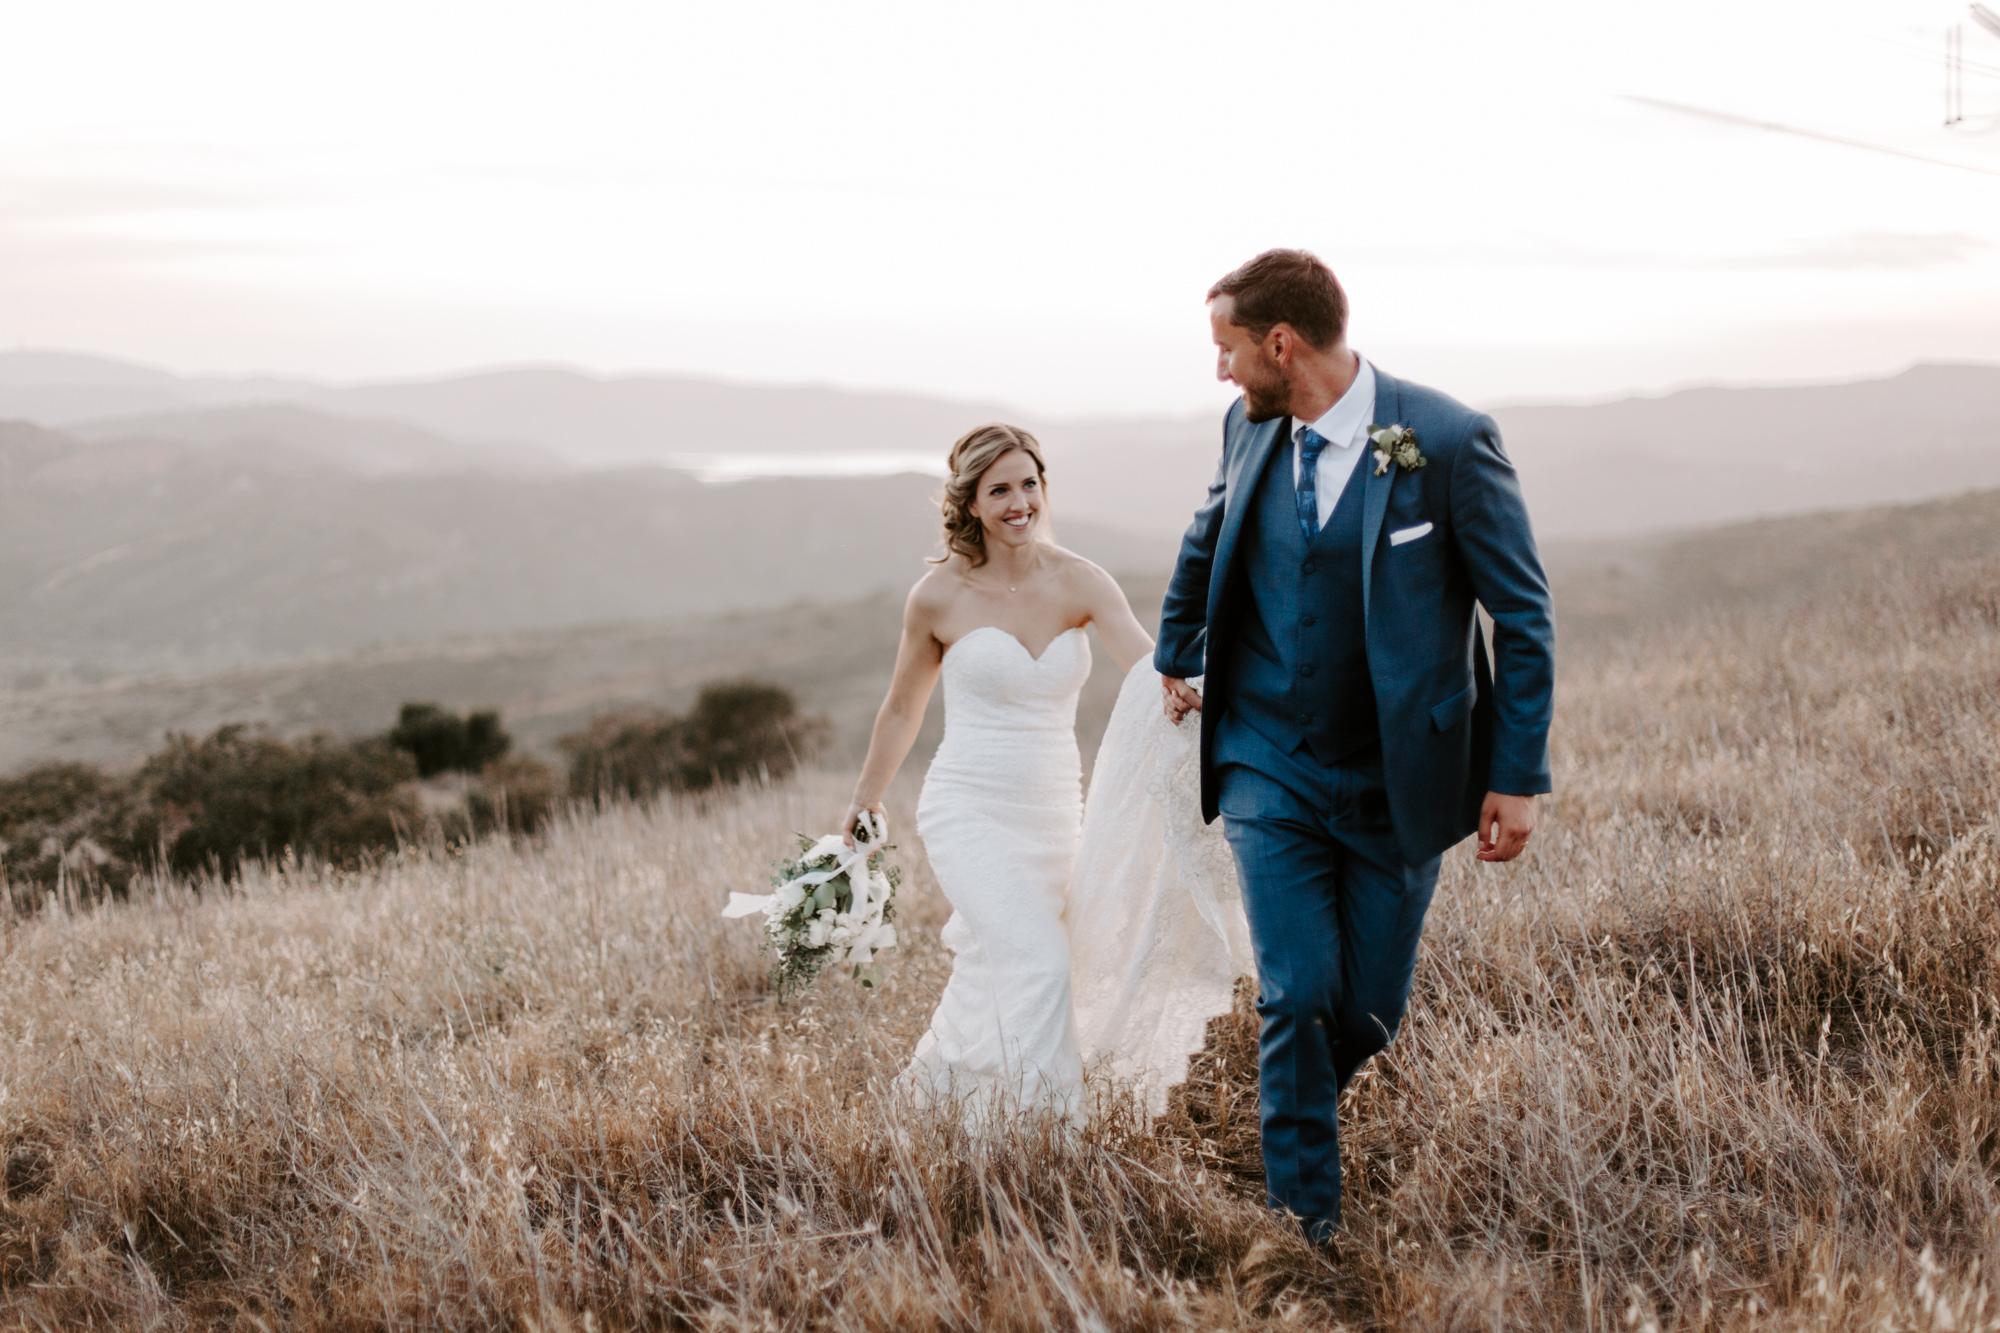 San Diego Wedding photography in Silverado Backyard Wedding076.jpg